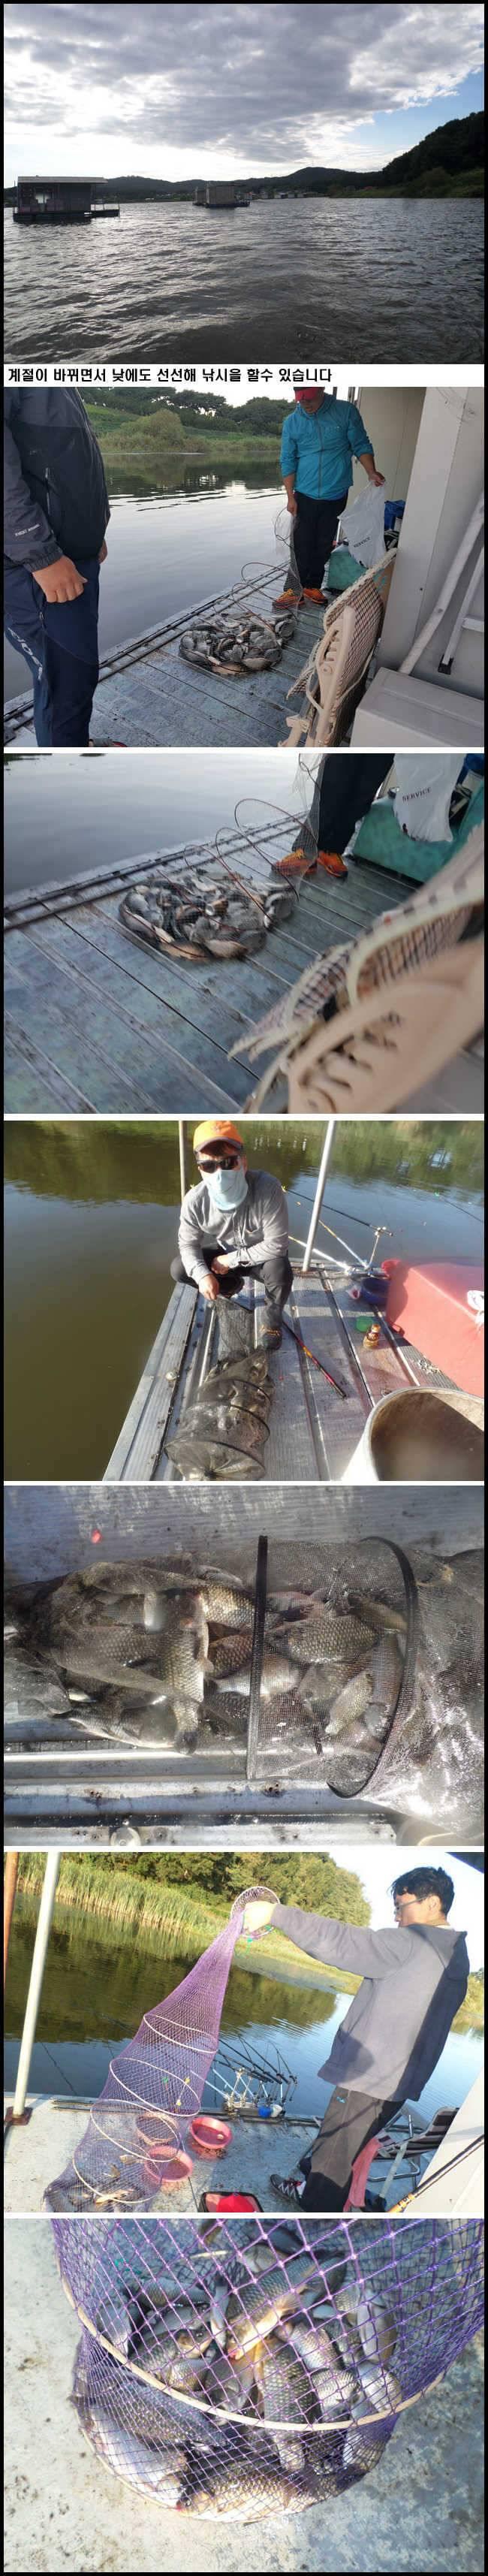 fish_pay_02025198.jpg